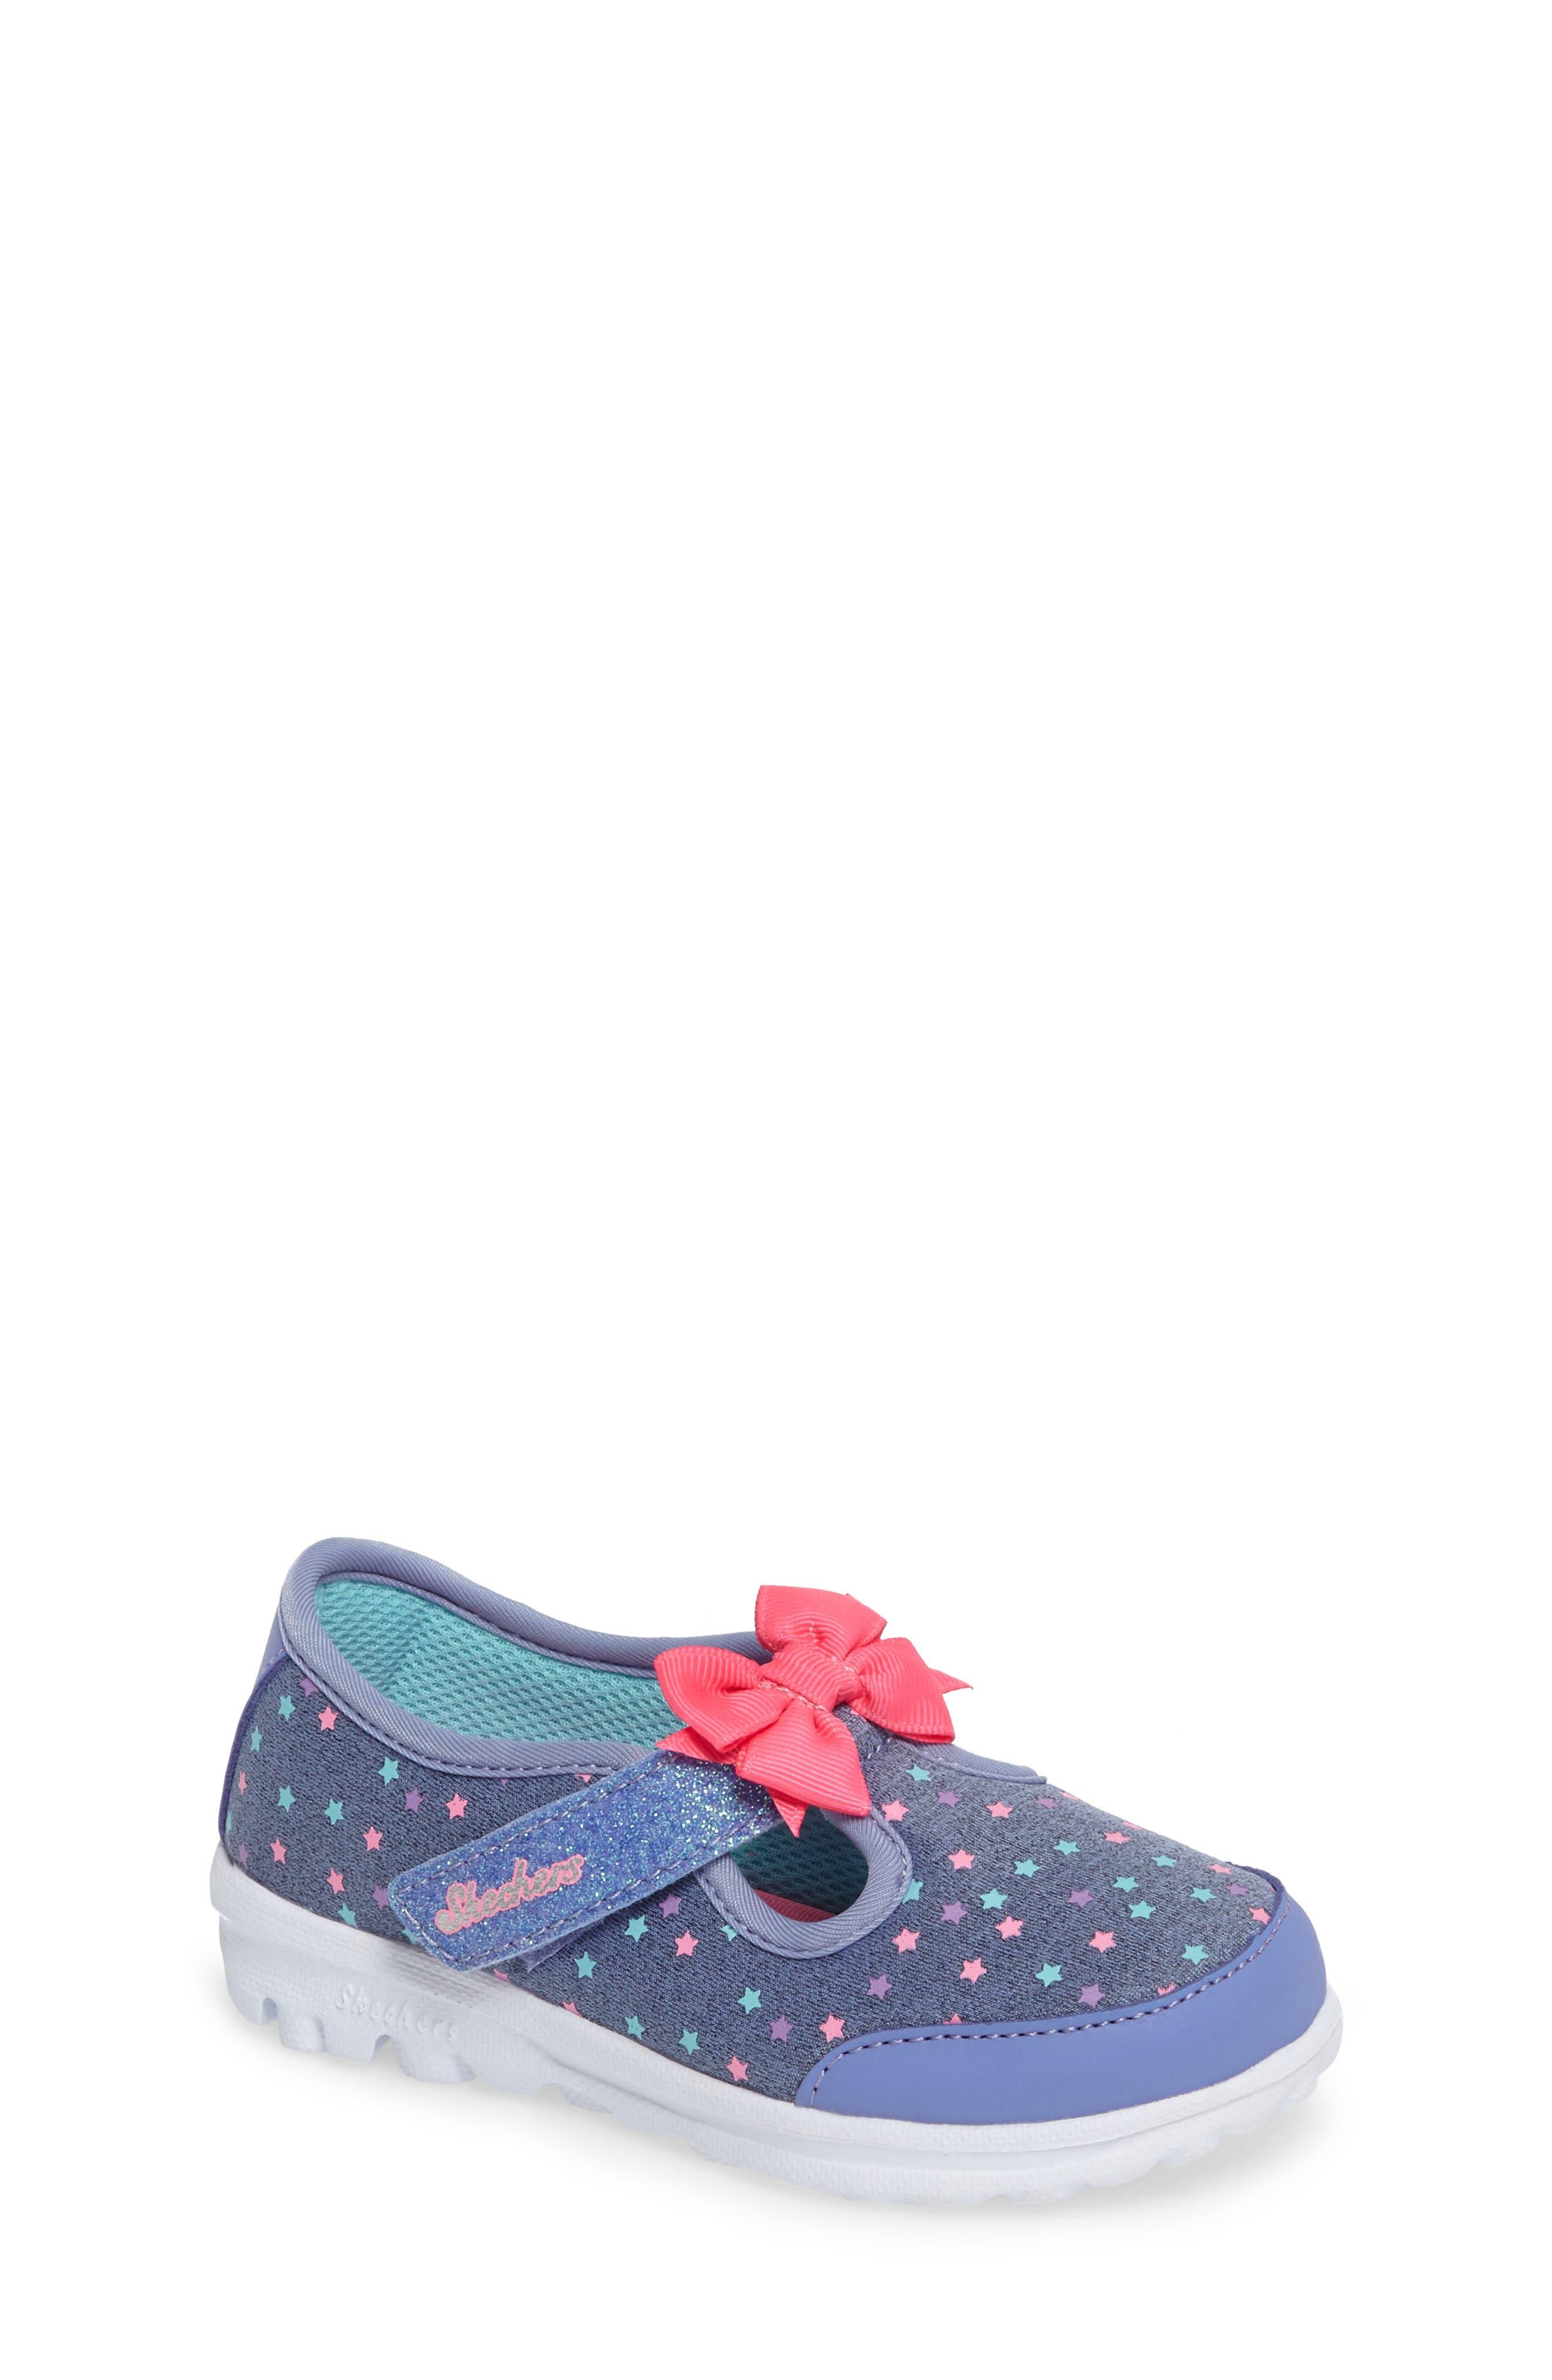 SKECHERS Go Walk Slip-On Sneaker